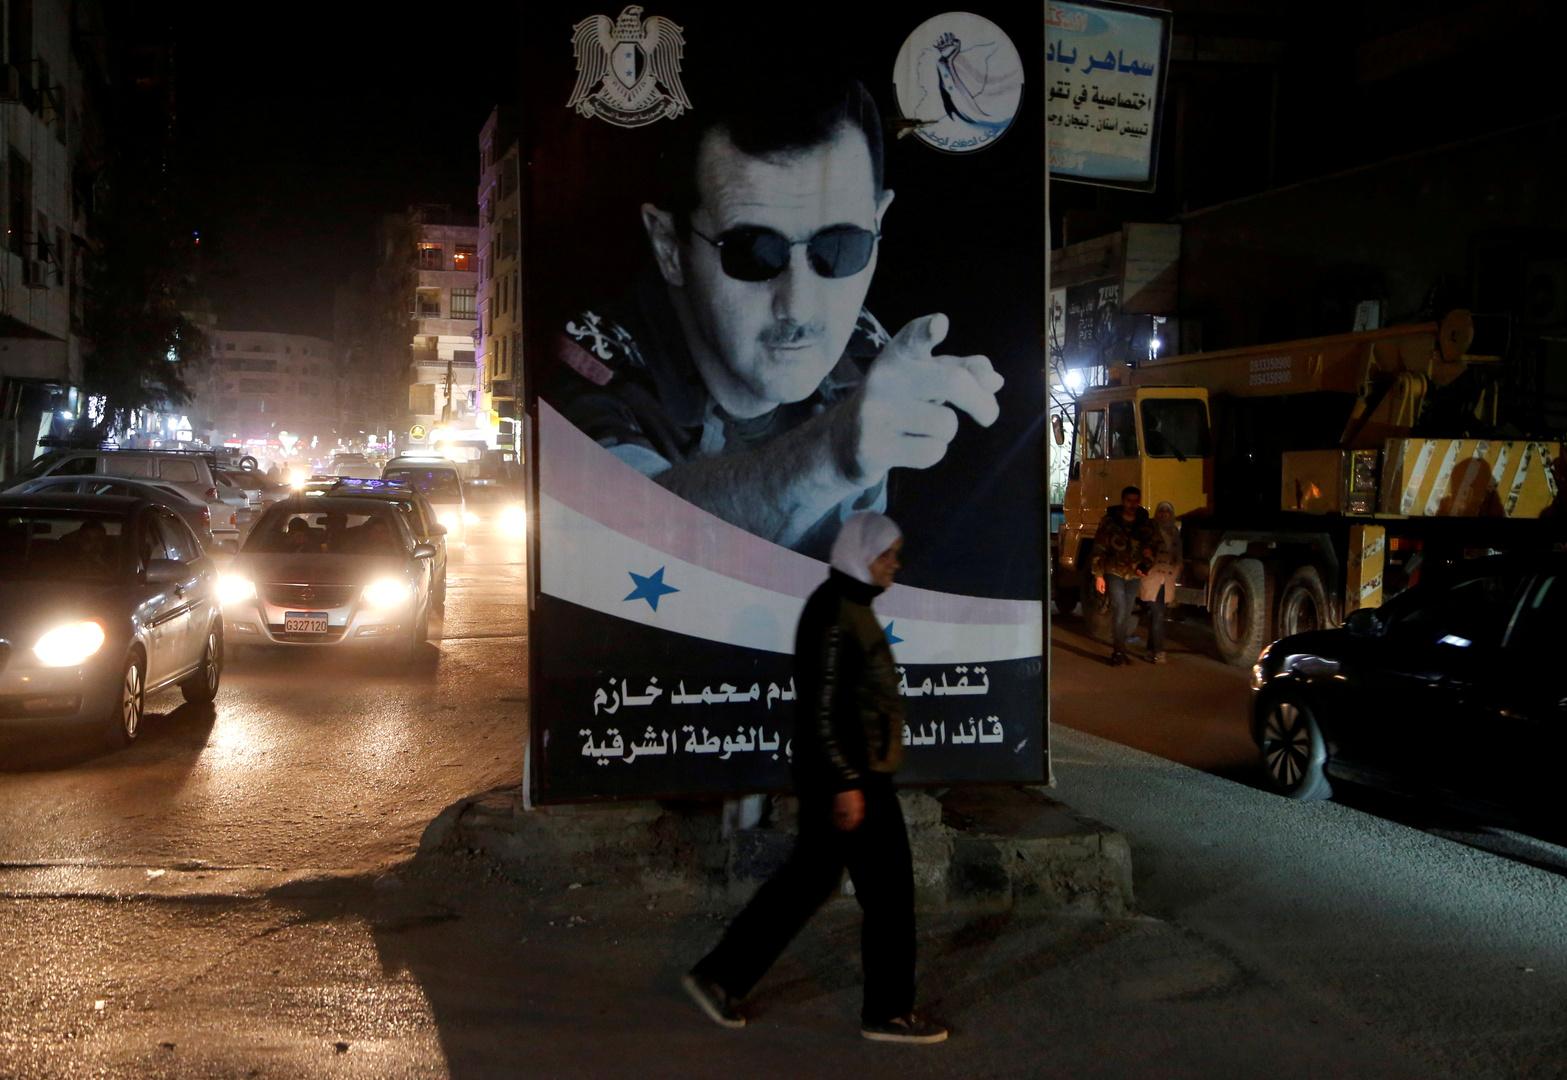 بتراجع في عدد المرشحين .. انطلاق الانتخابات التشريعية السورية